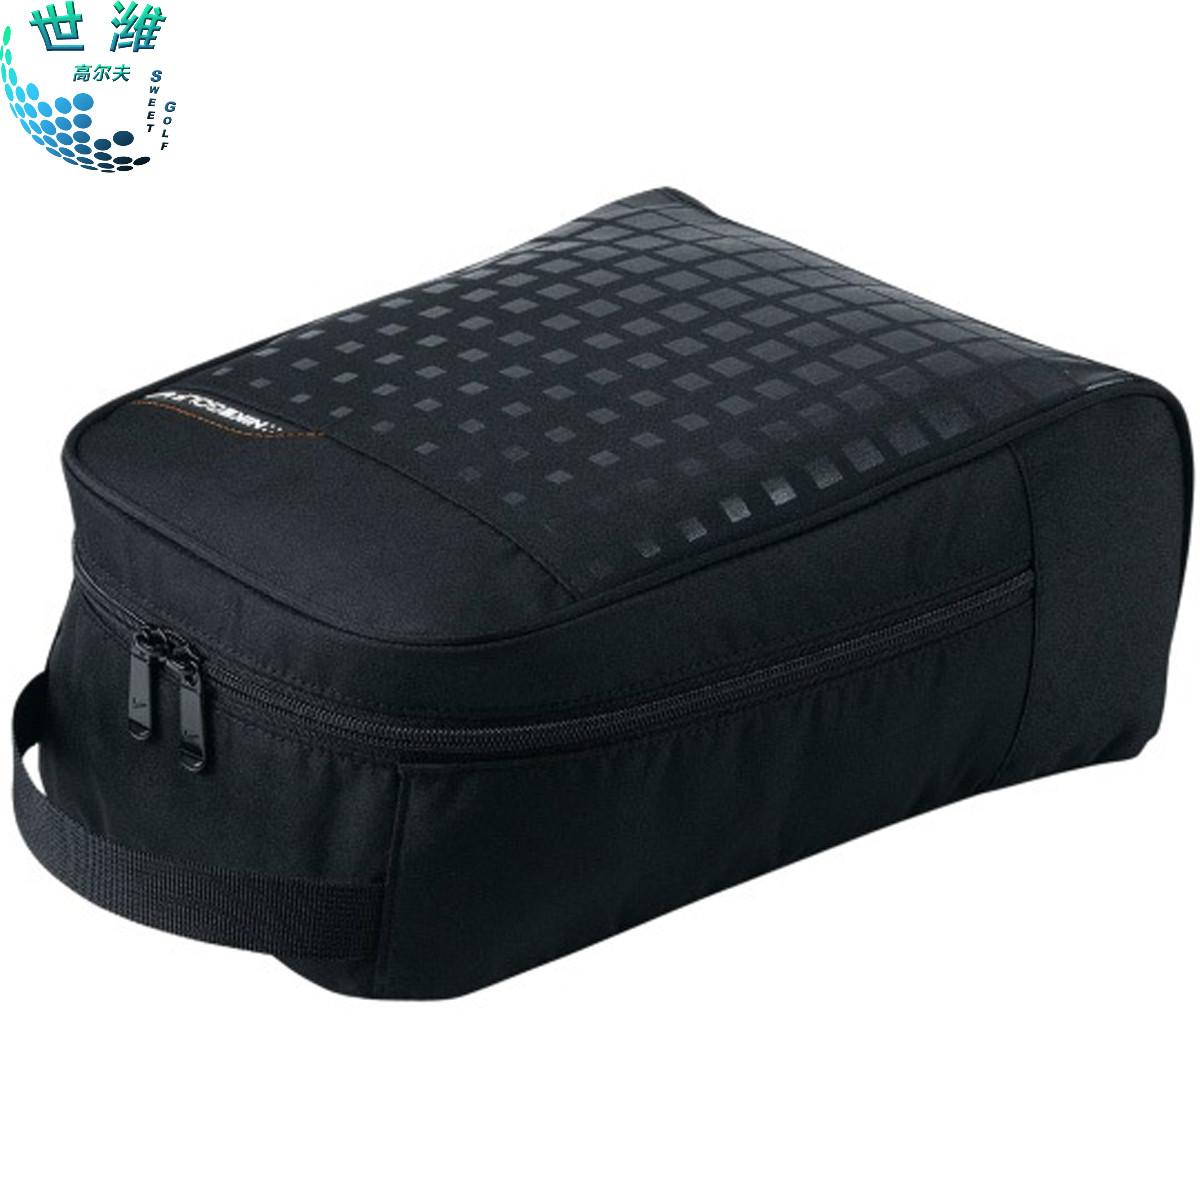 Гольф пакет nike nike гольф обувной обувь, сумки чистый черный мешок сумка портативный сверхлегкий подлинный